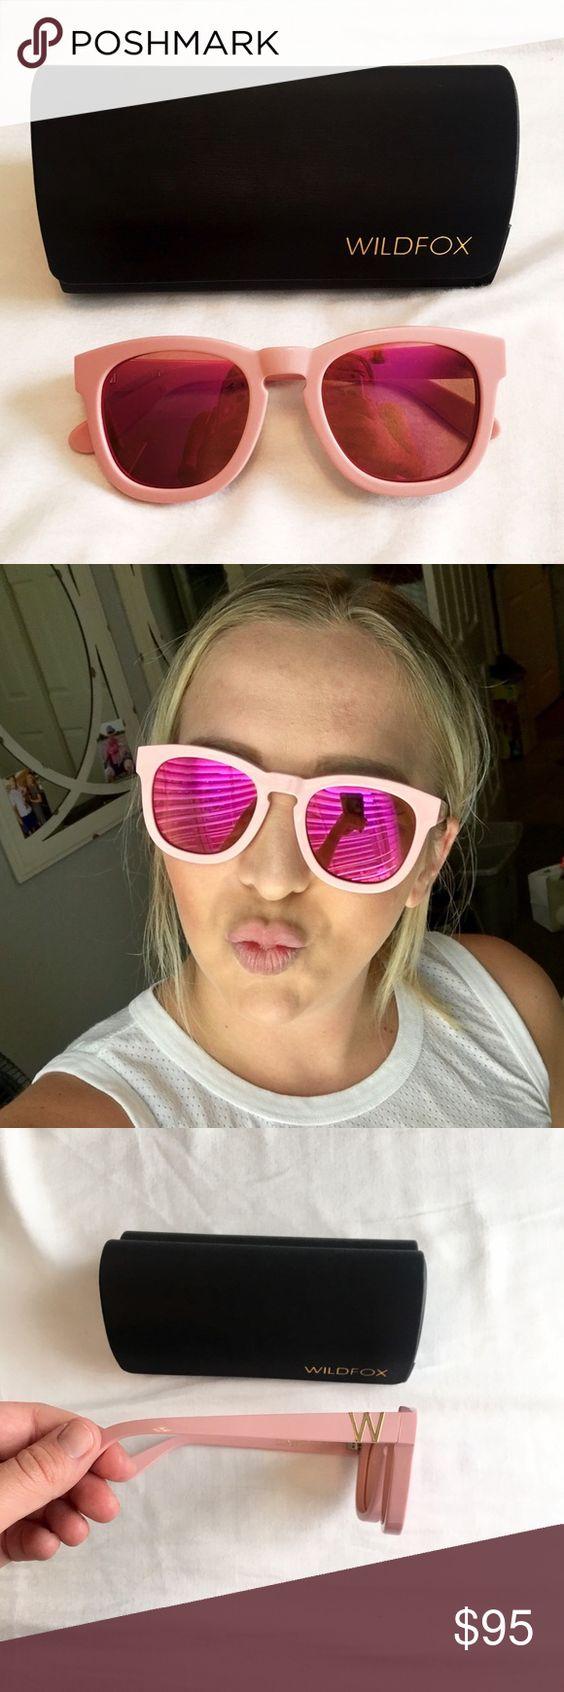 Wildfox sunglasses! Like new condition! Wildfox Accessories Sunglasses